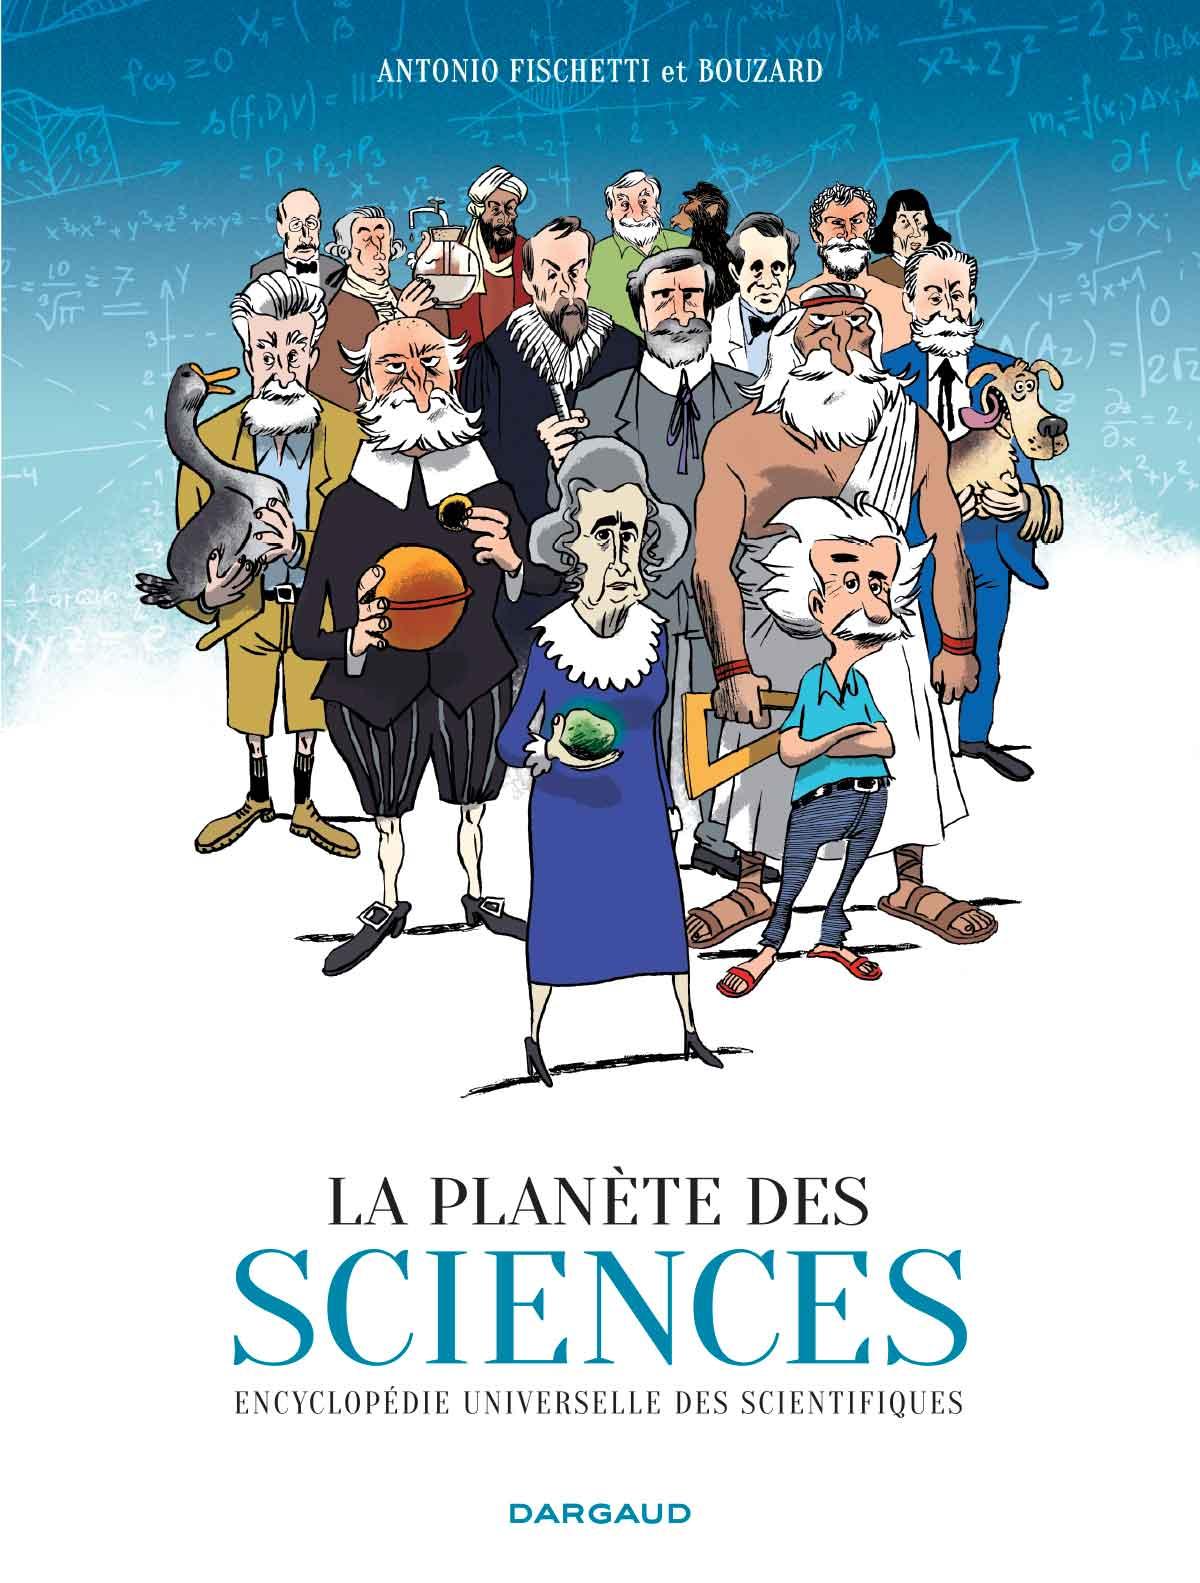 La planète des sciences couverture